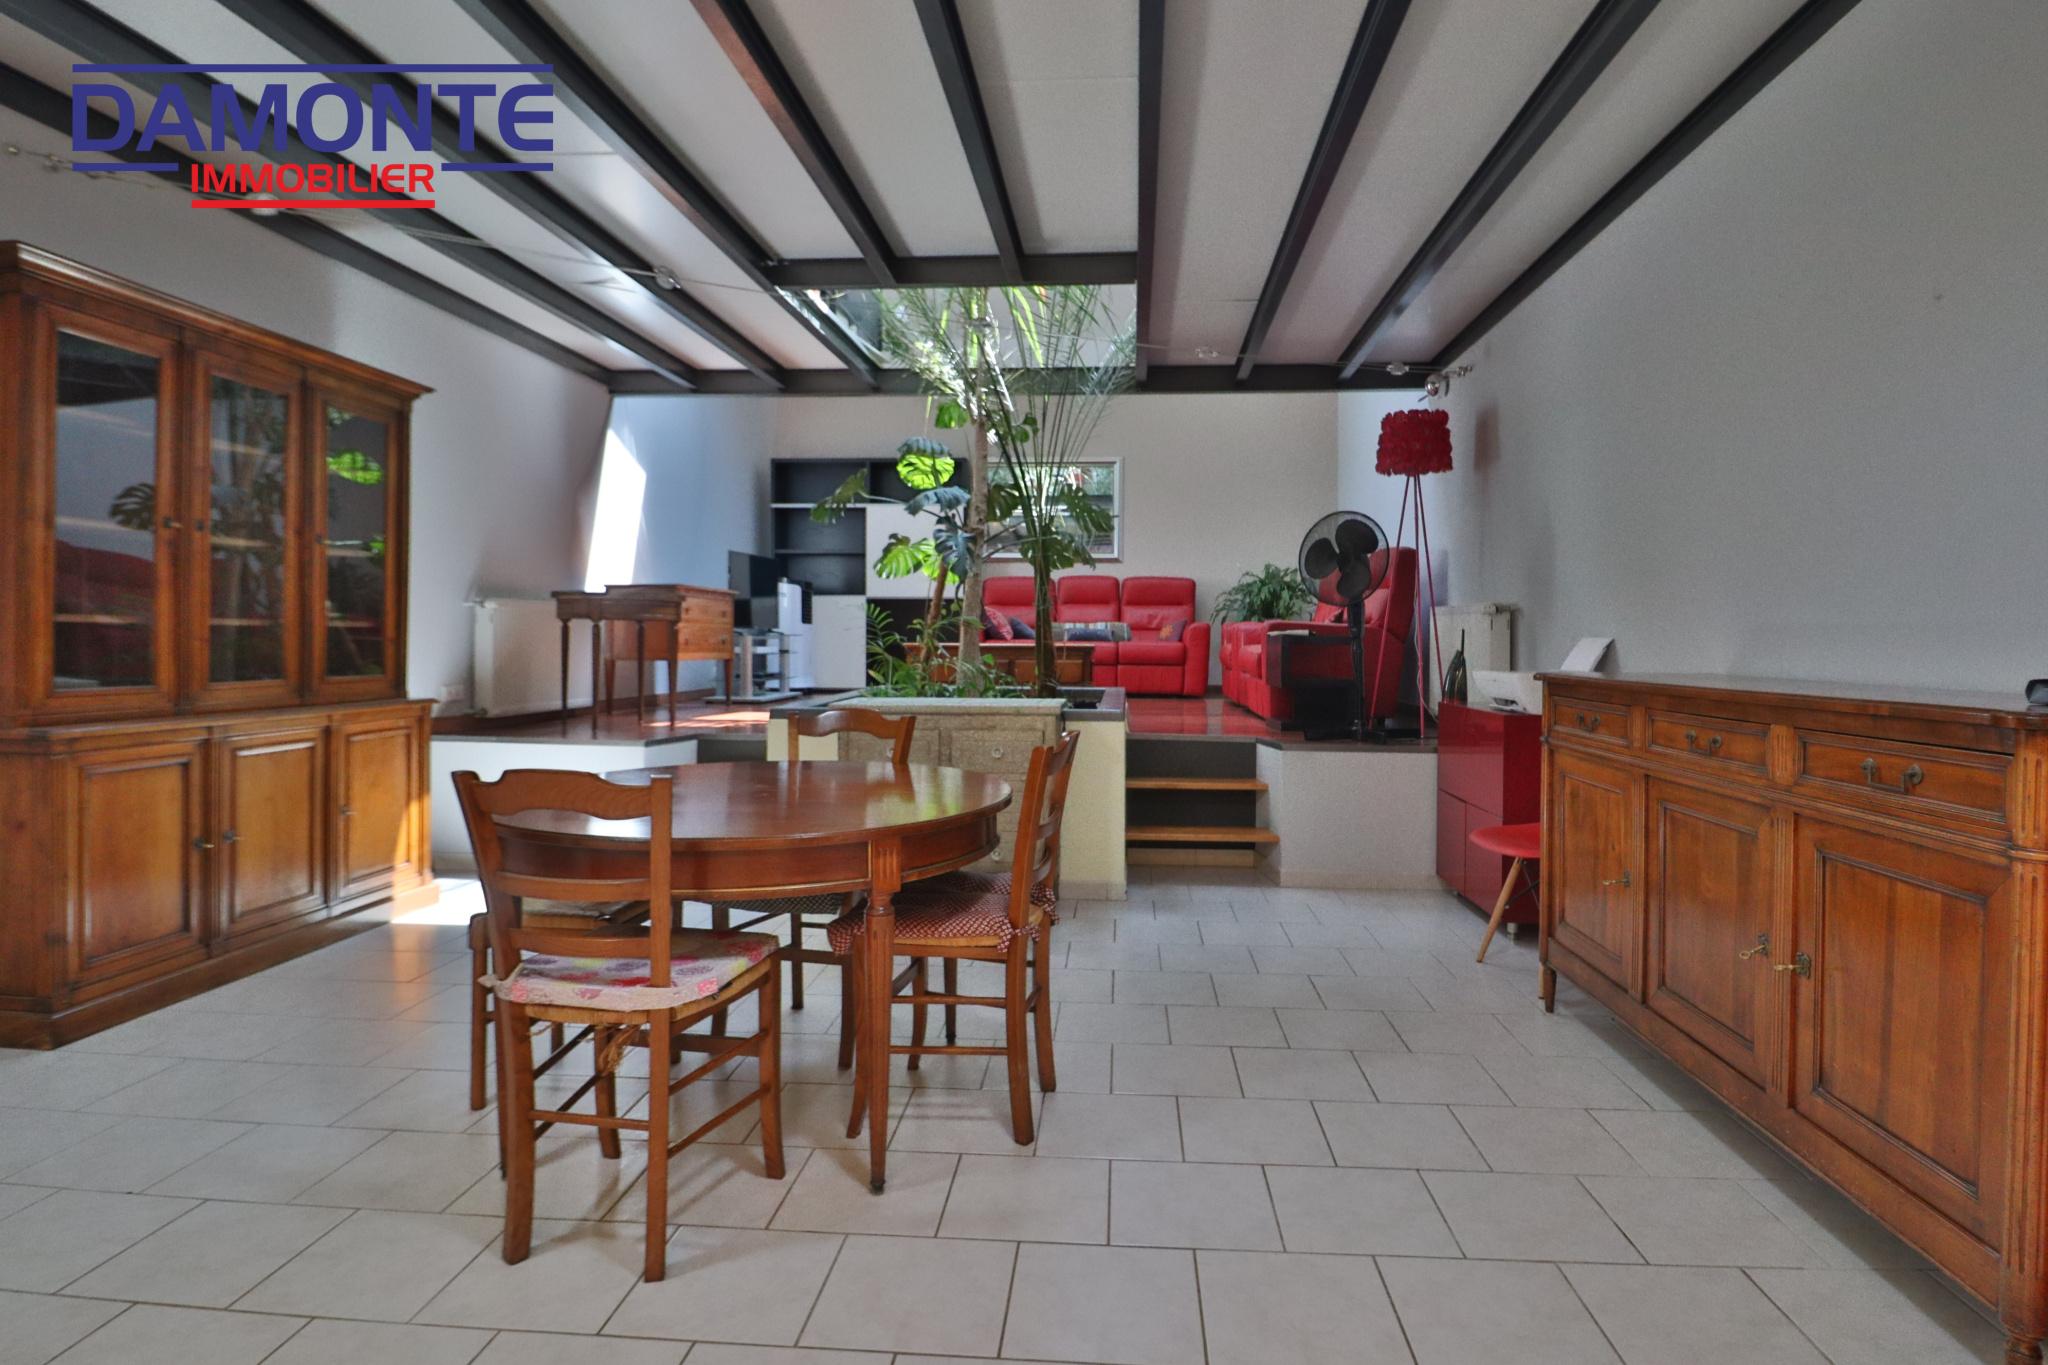 Damonte Achat appartement - Réf n° 1_19225